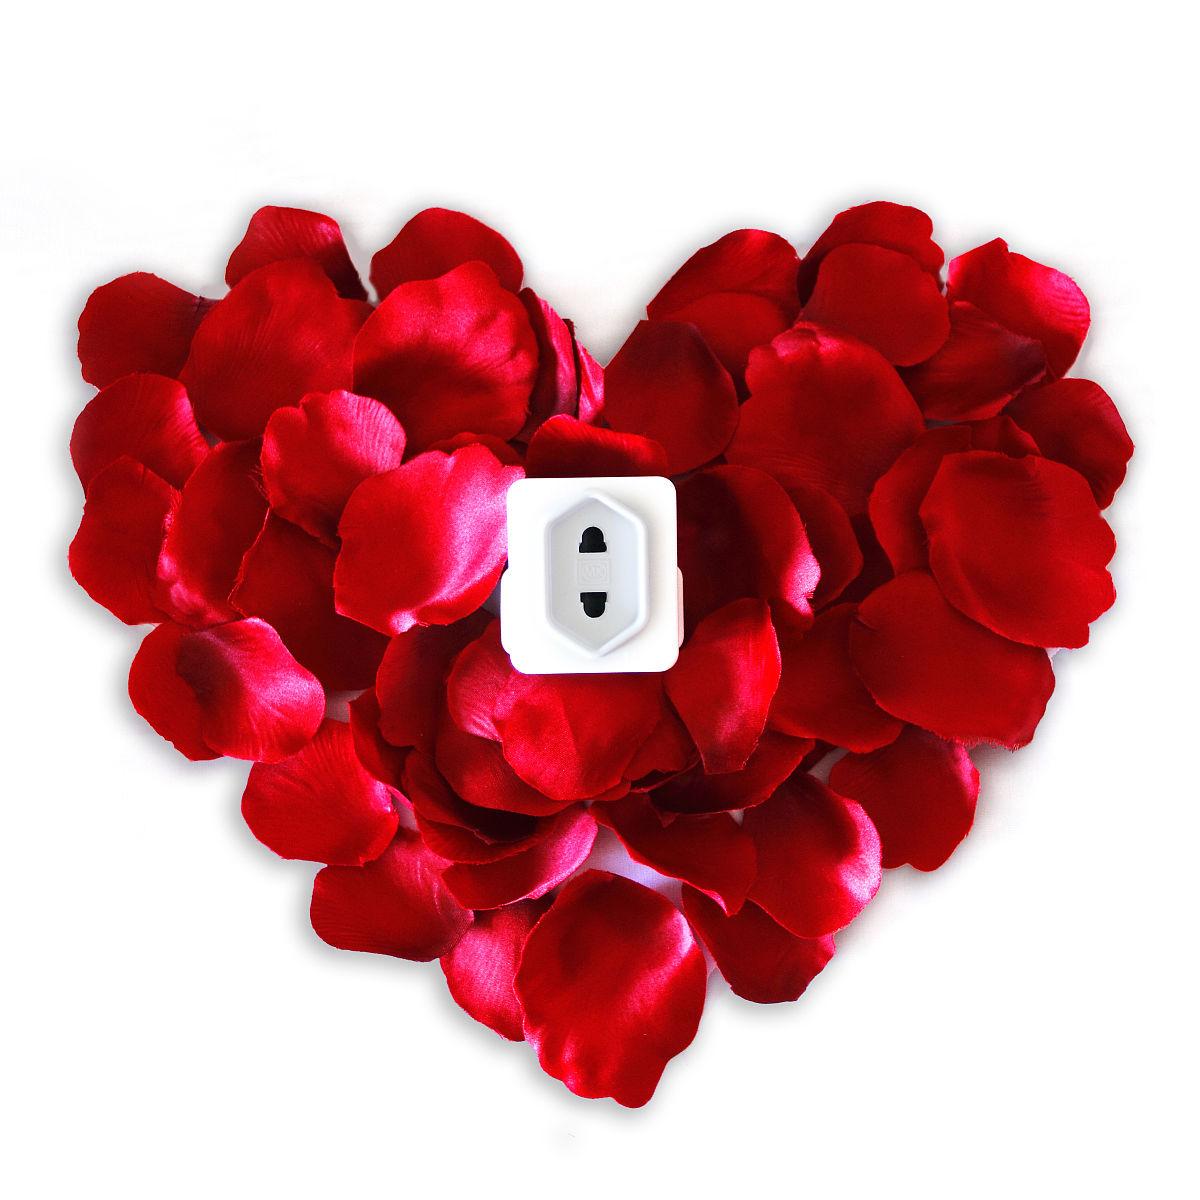 心形玫瑰花瓣图片